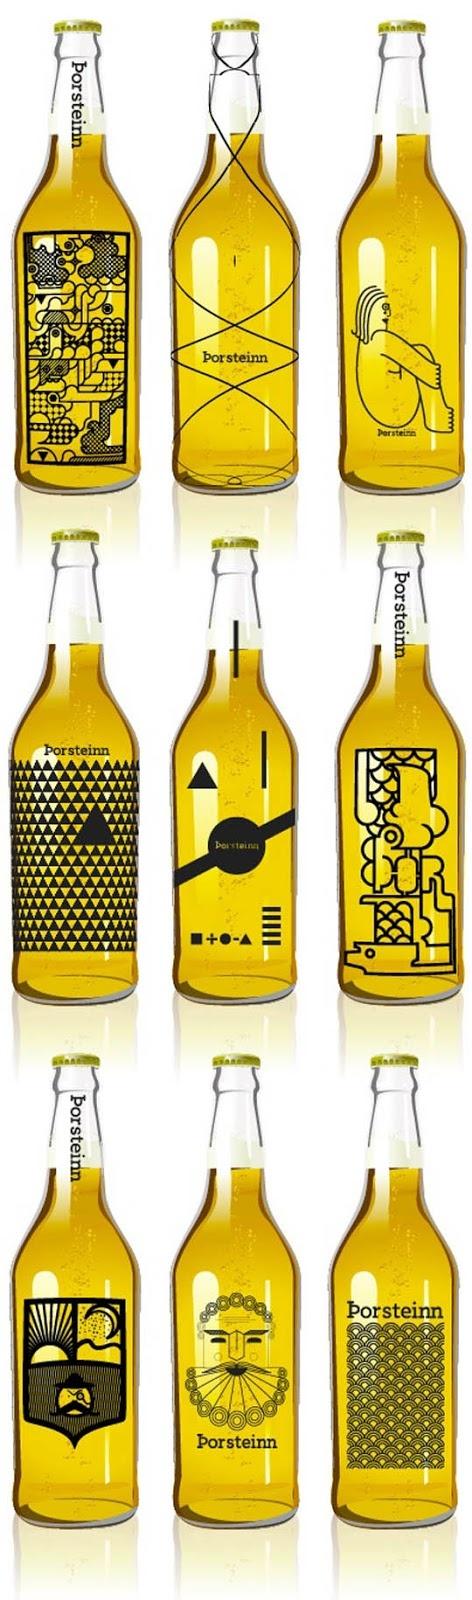 Funky bottles